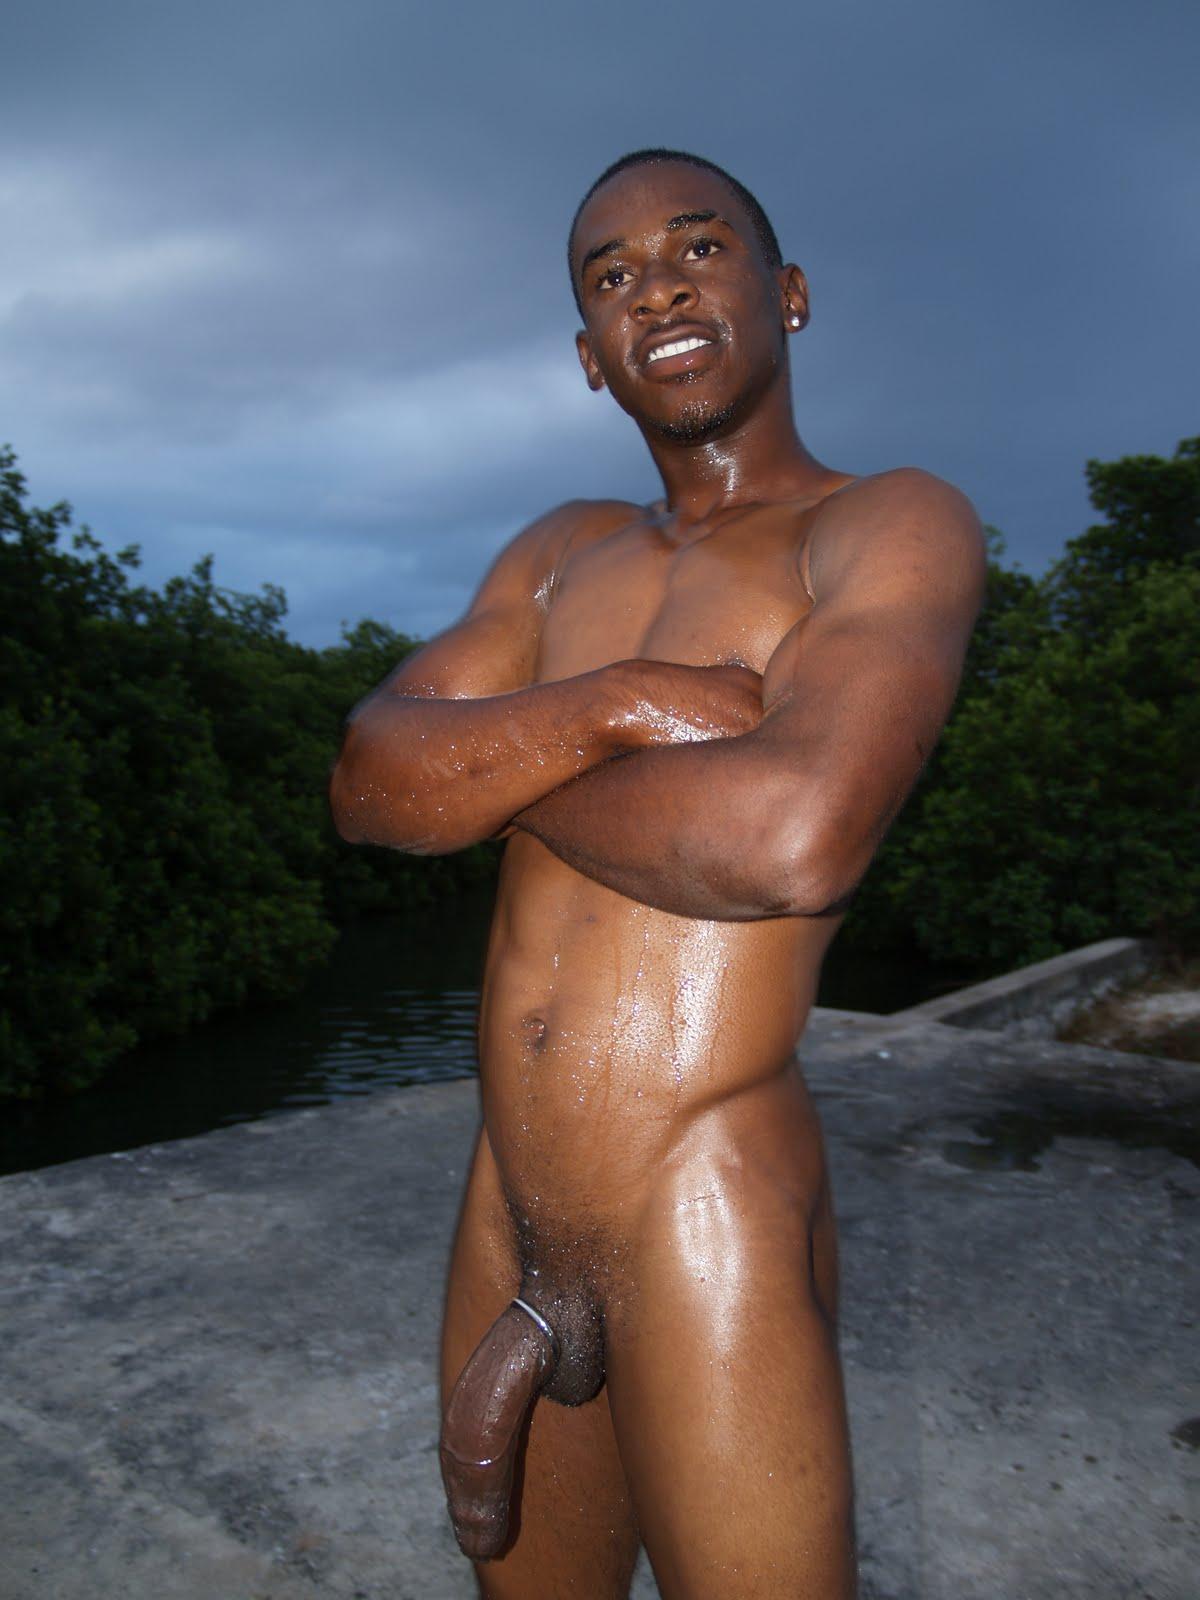 Negro Chicos negros sexuales escenas por Distinguido